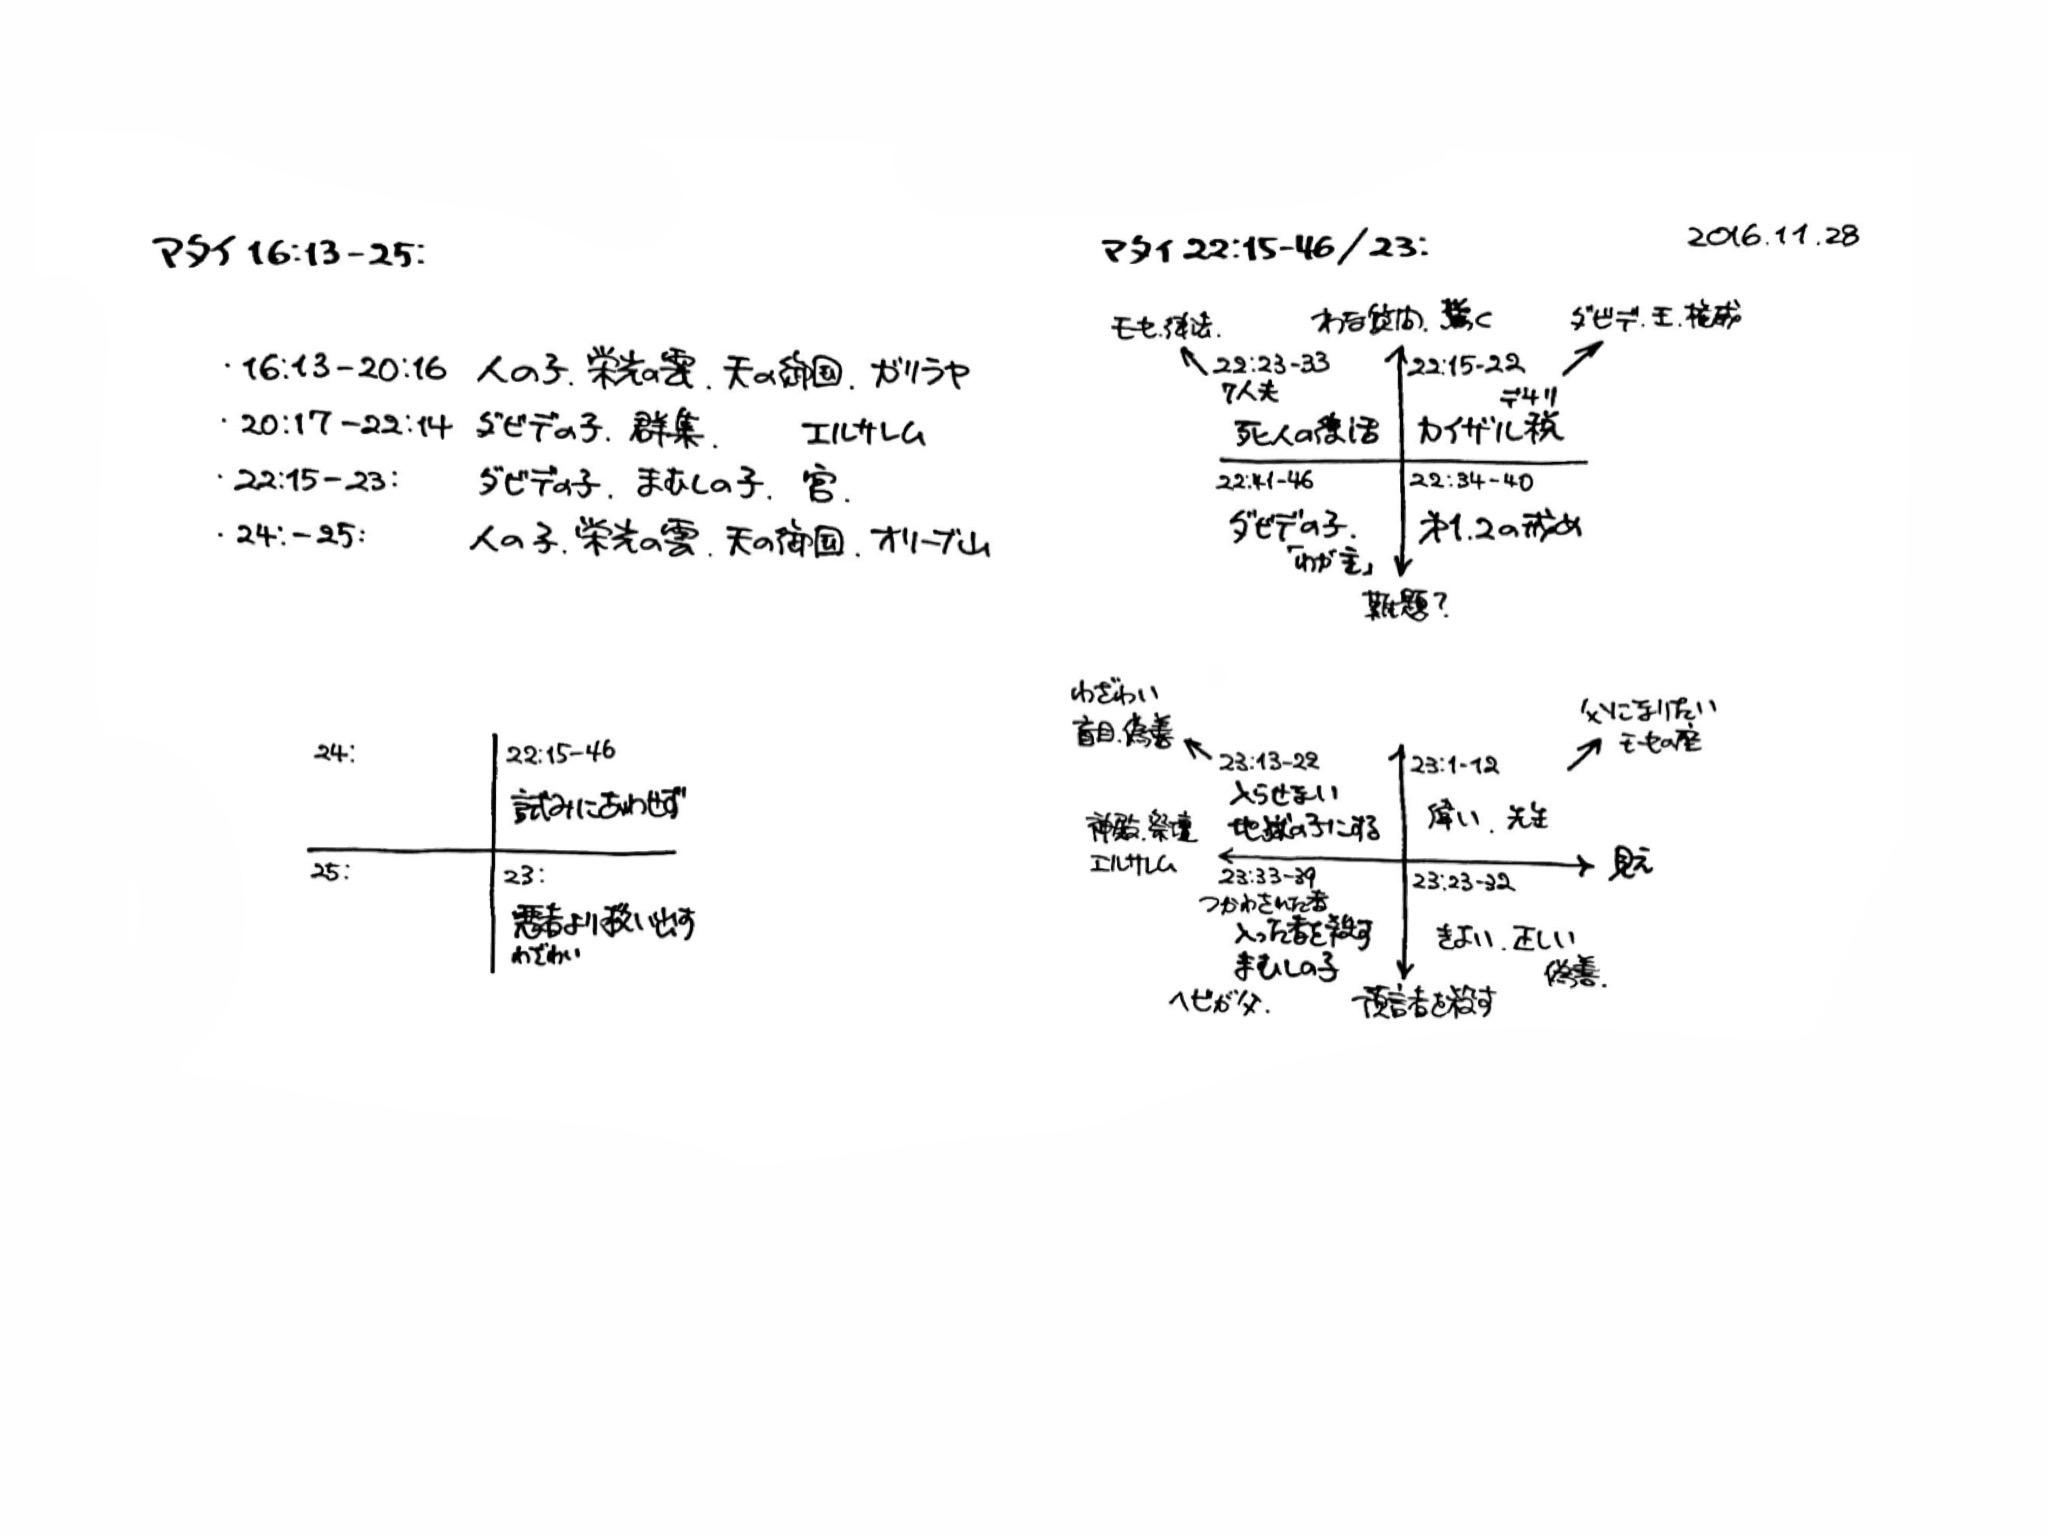 マタイ福音書 21-25章の構造分析